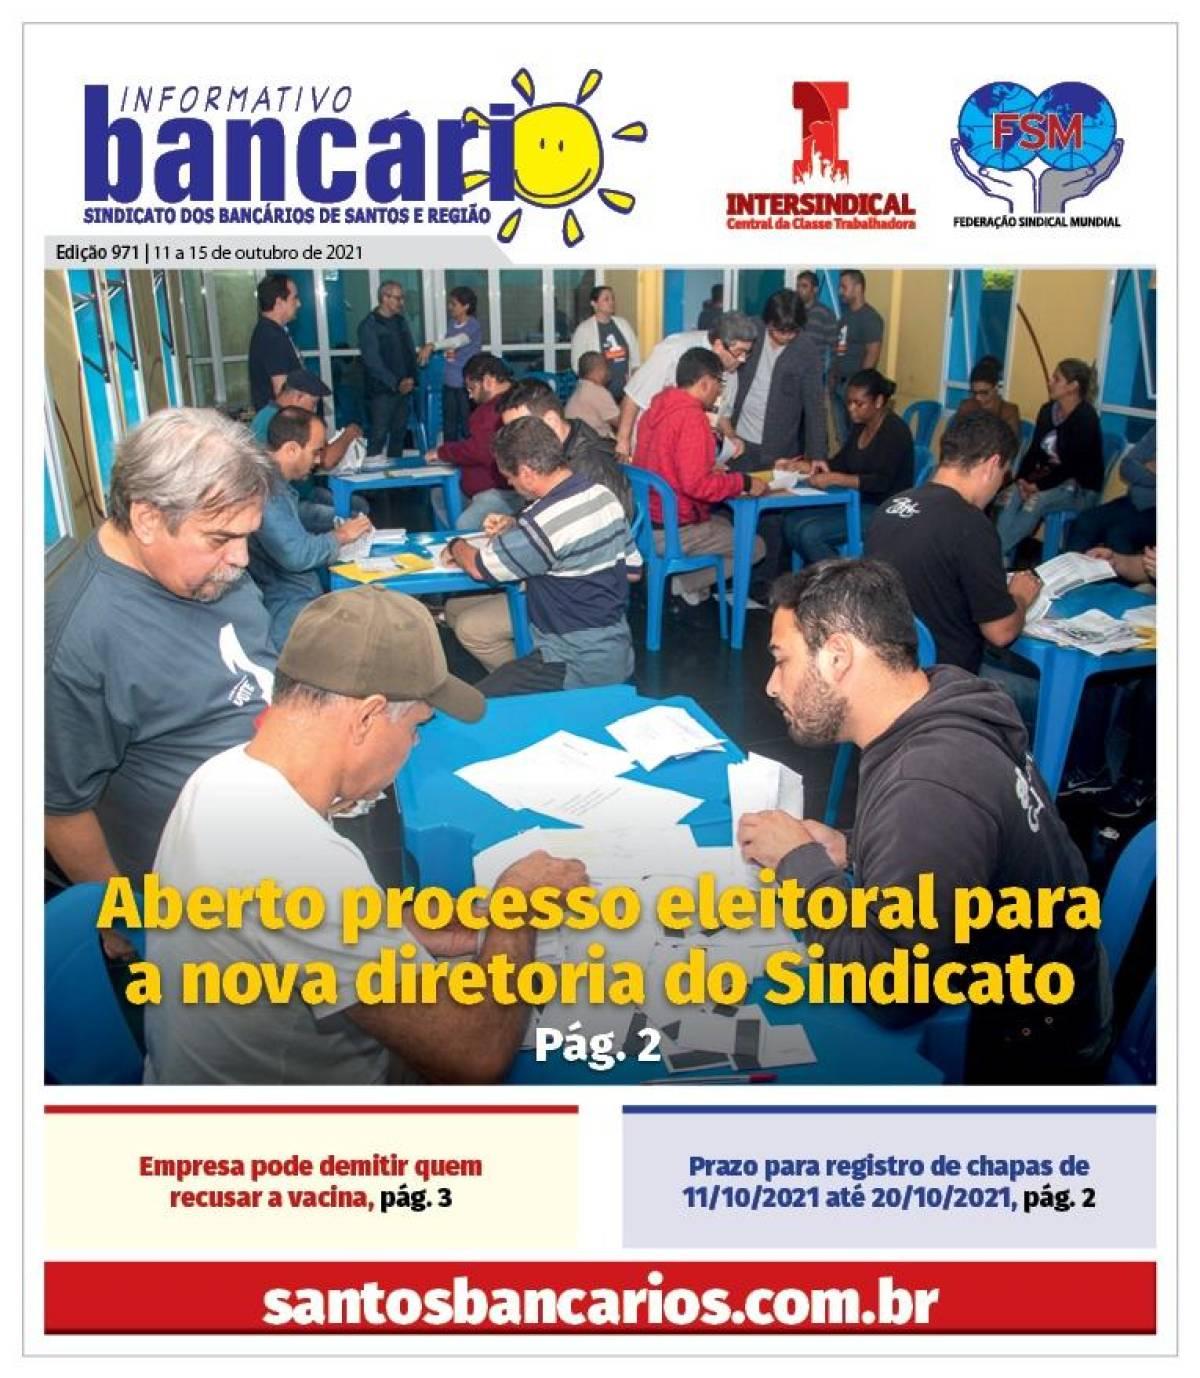 Aberto processo eleitoral para a nova diretoria do Sindicato